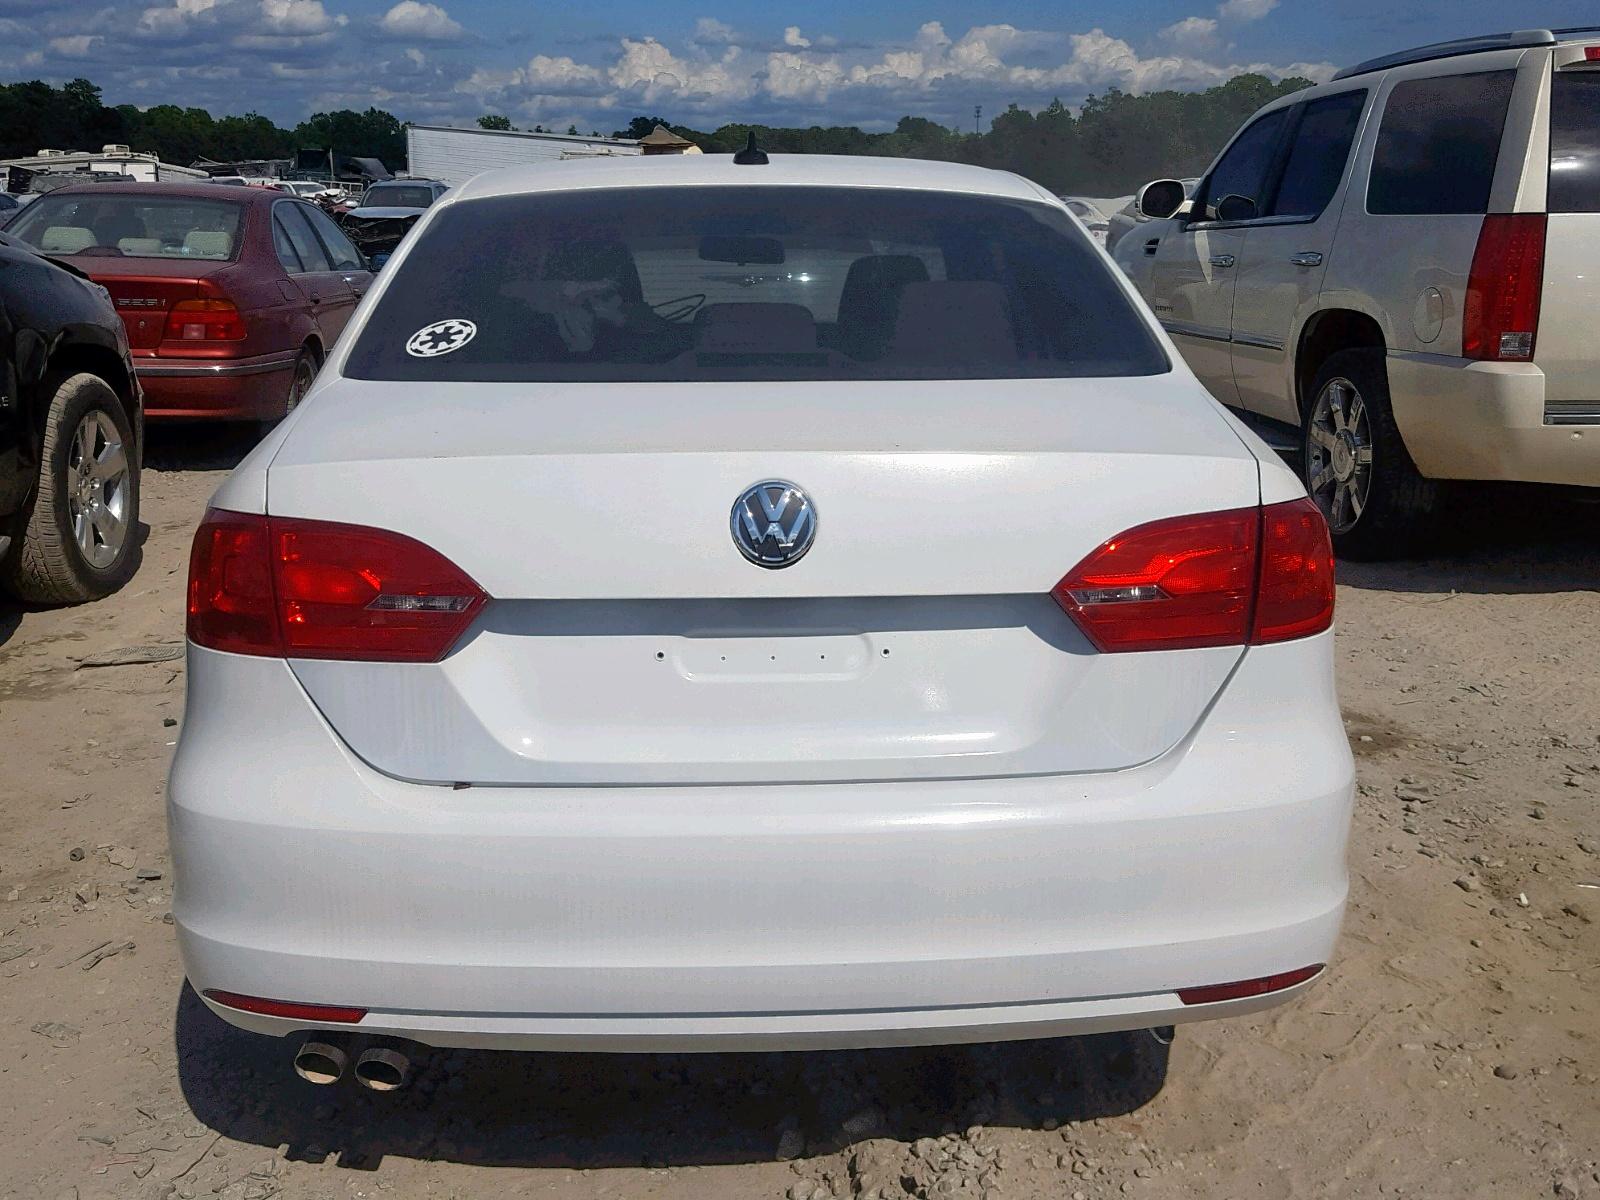 Auto Auction Ended on VIN: 3VW3L7AJ8DM292615 2013 Volkswagen